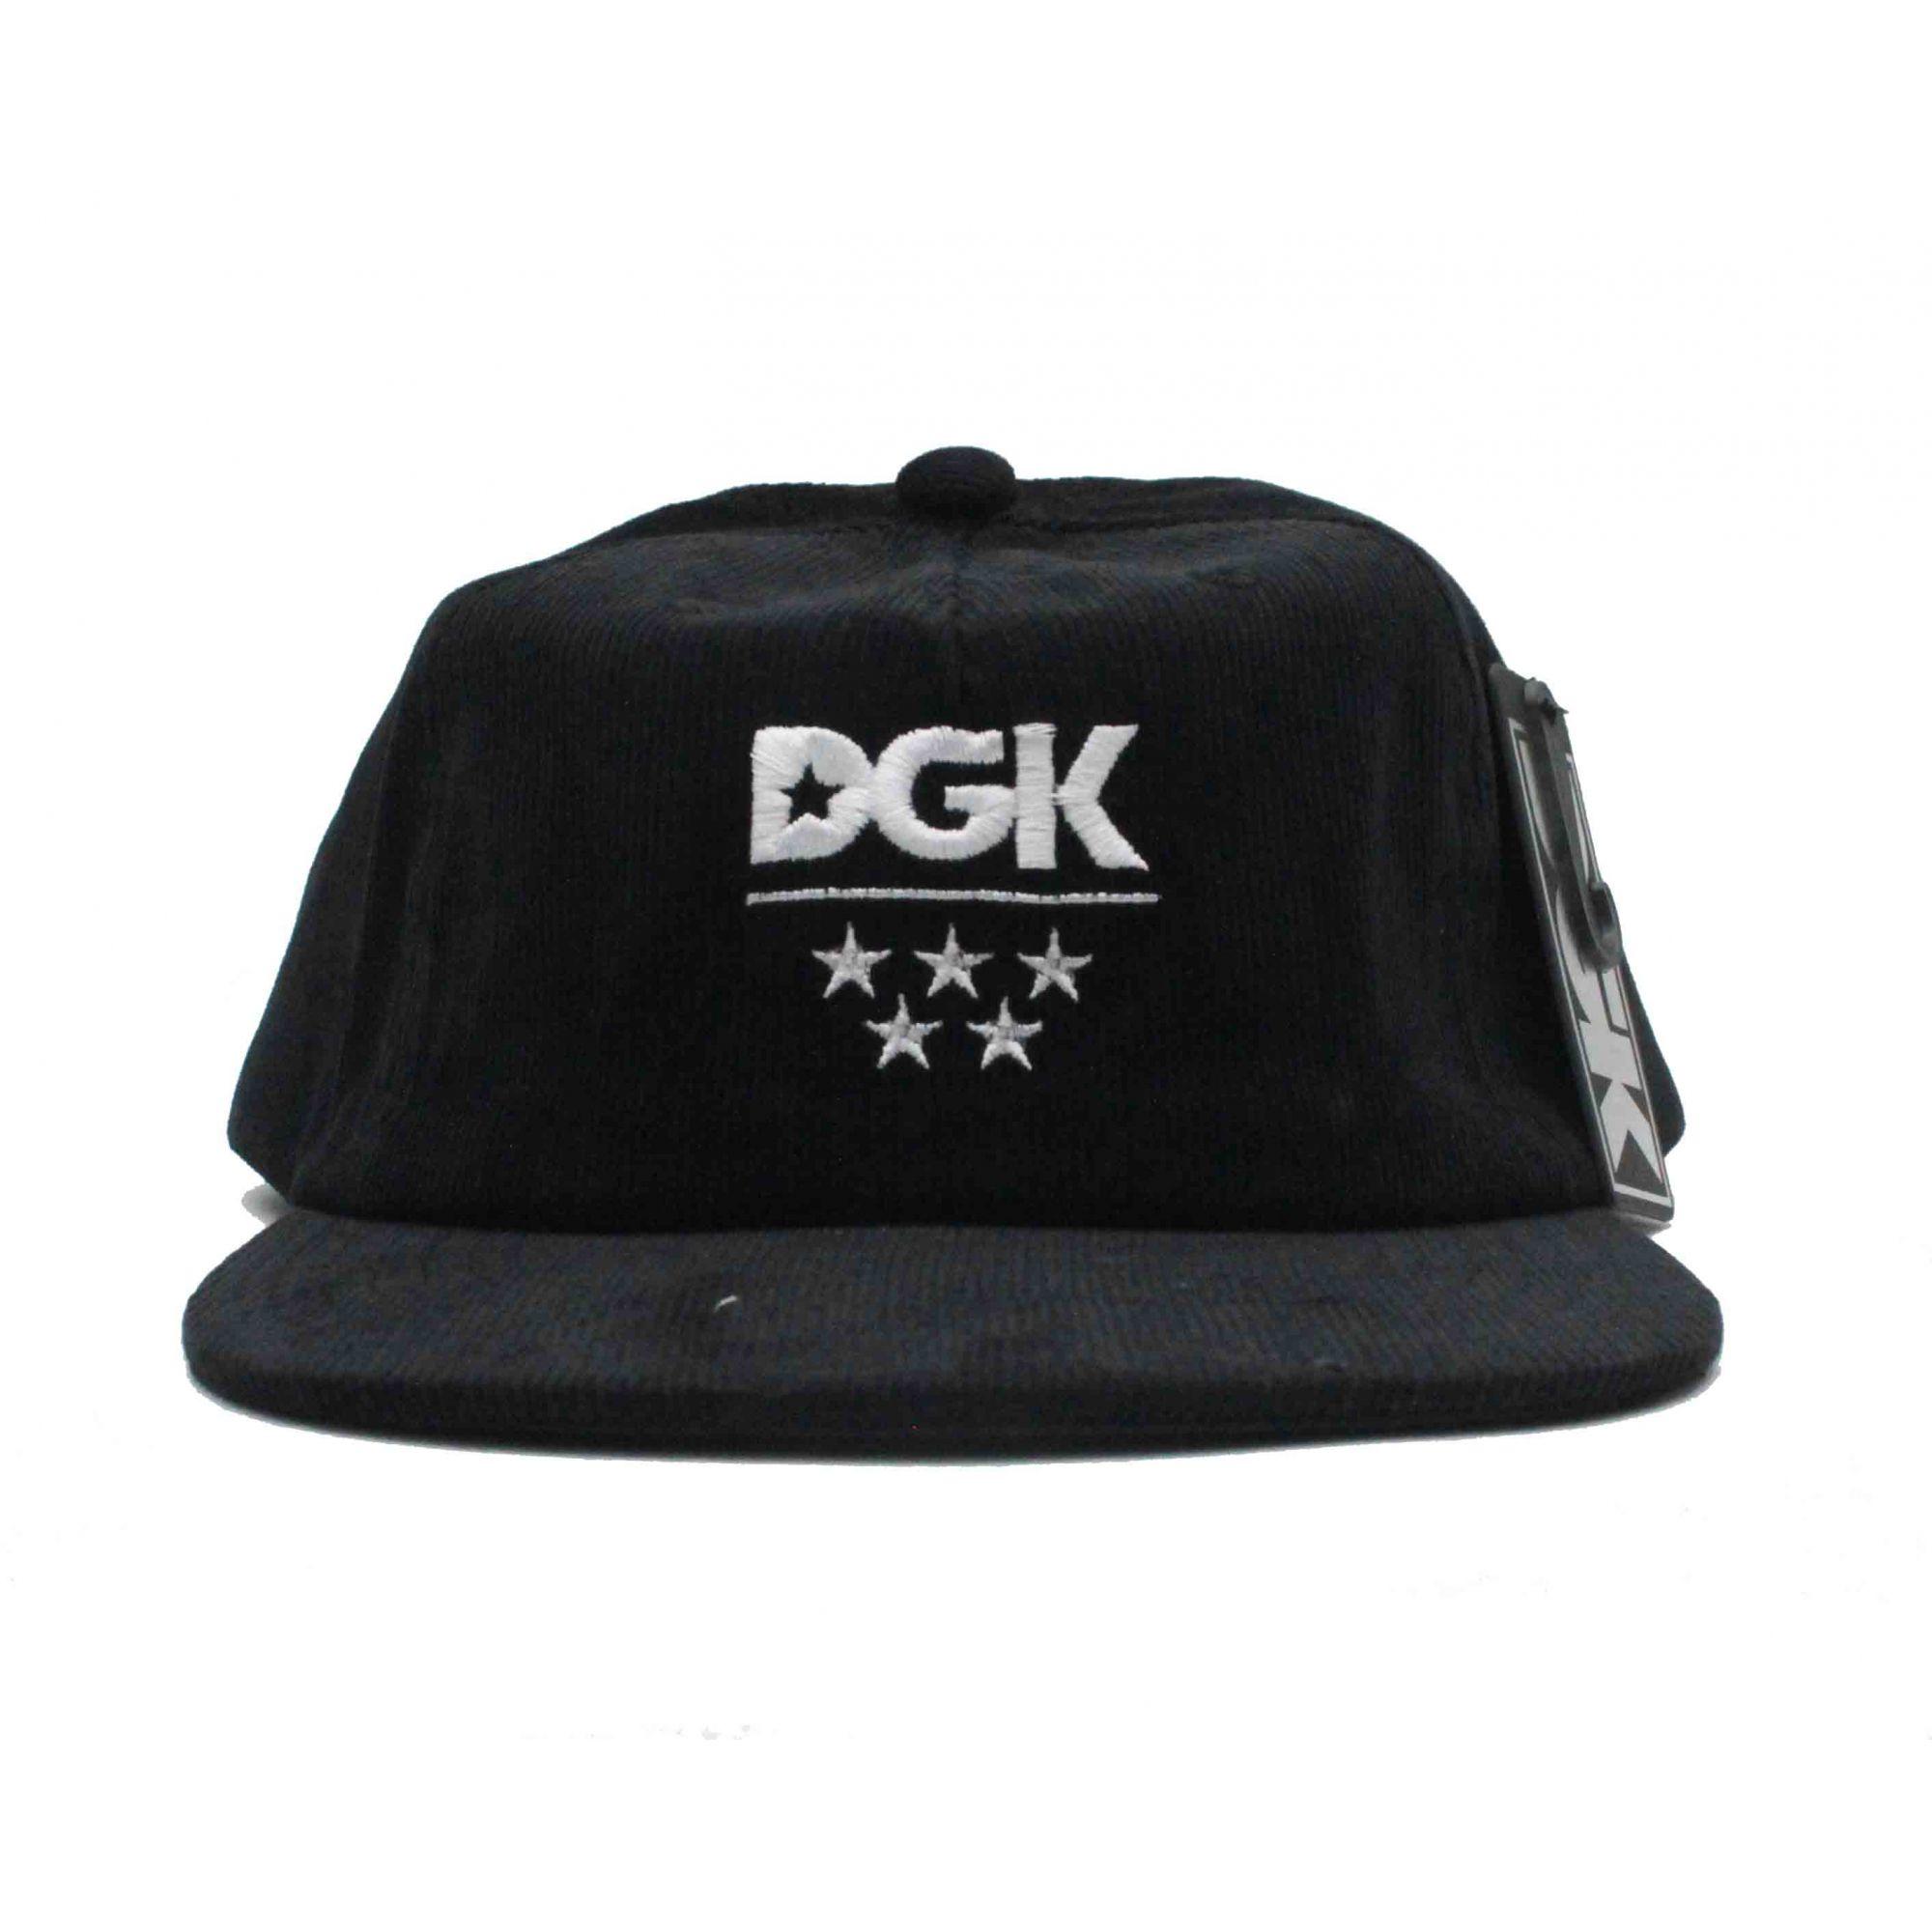 Boné DGK Snapback Major Preto